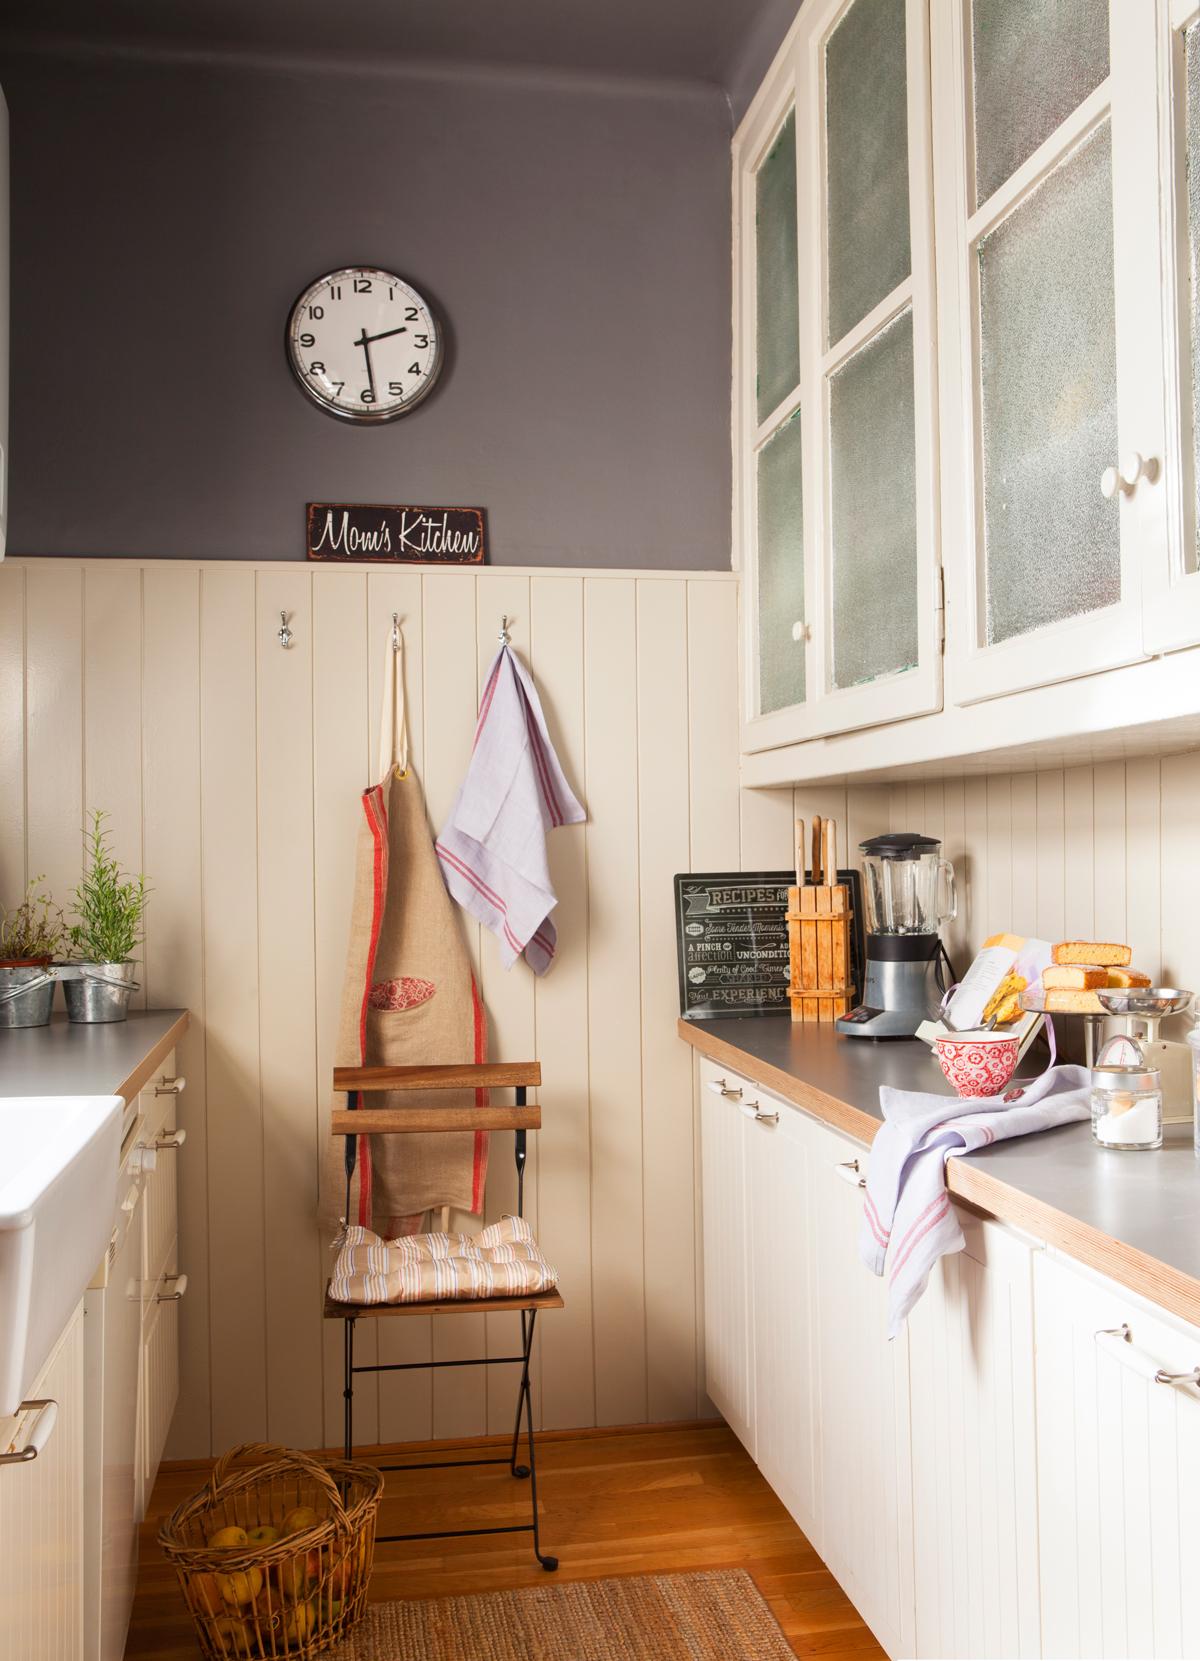 10 ideas geniales para cocinas peque as - Muebles para cocinas pequenas ...